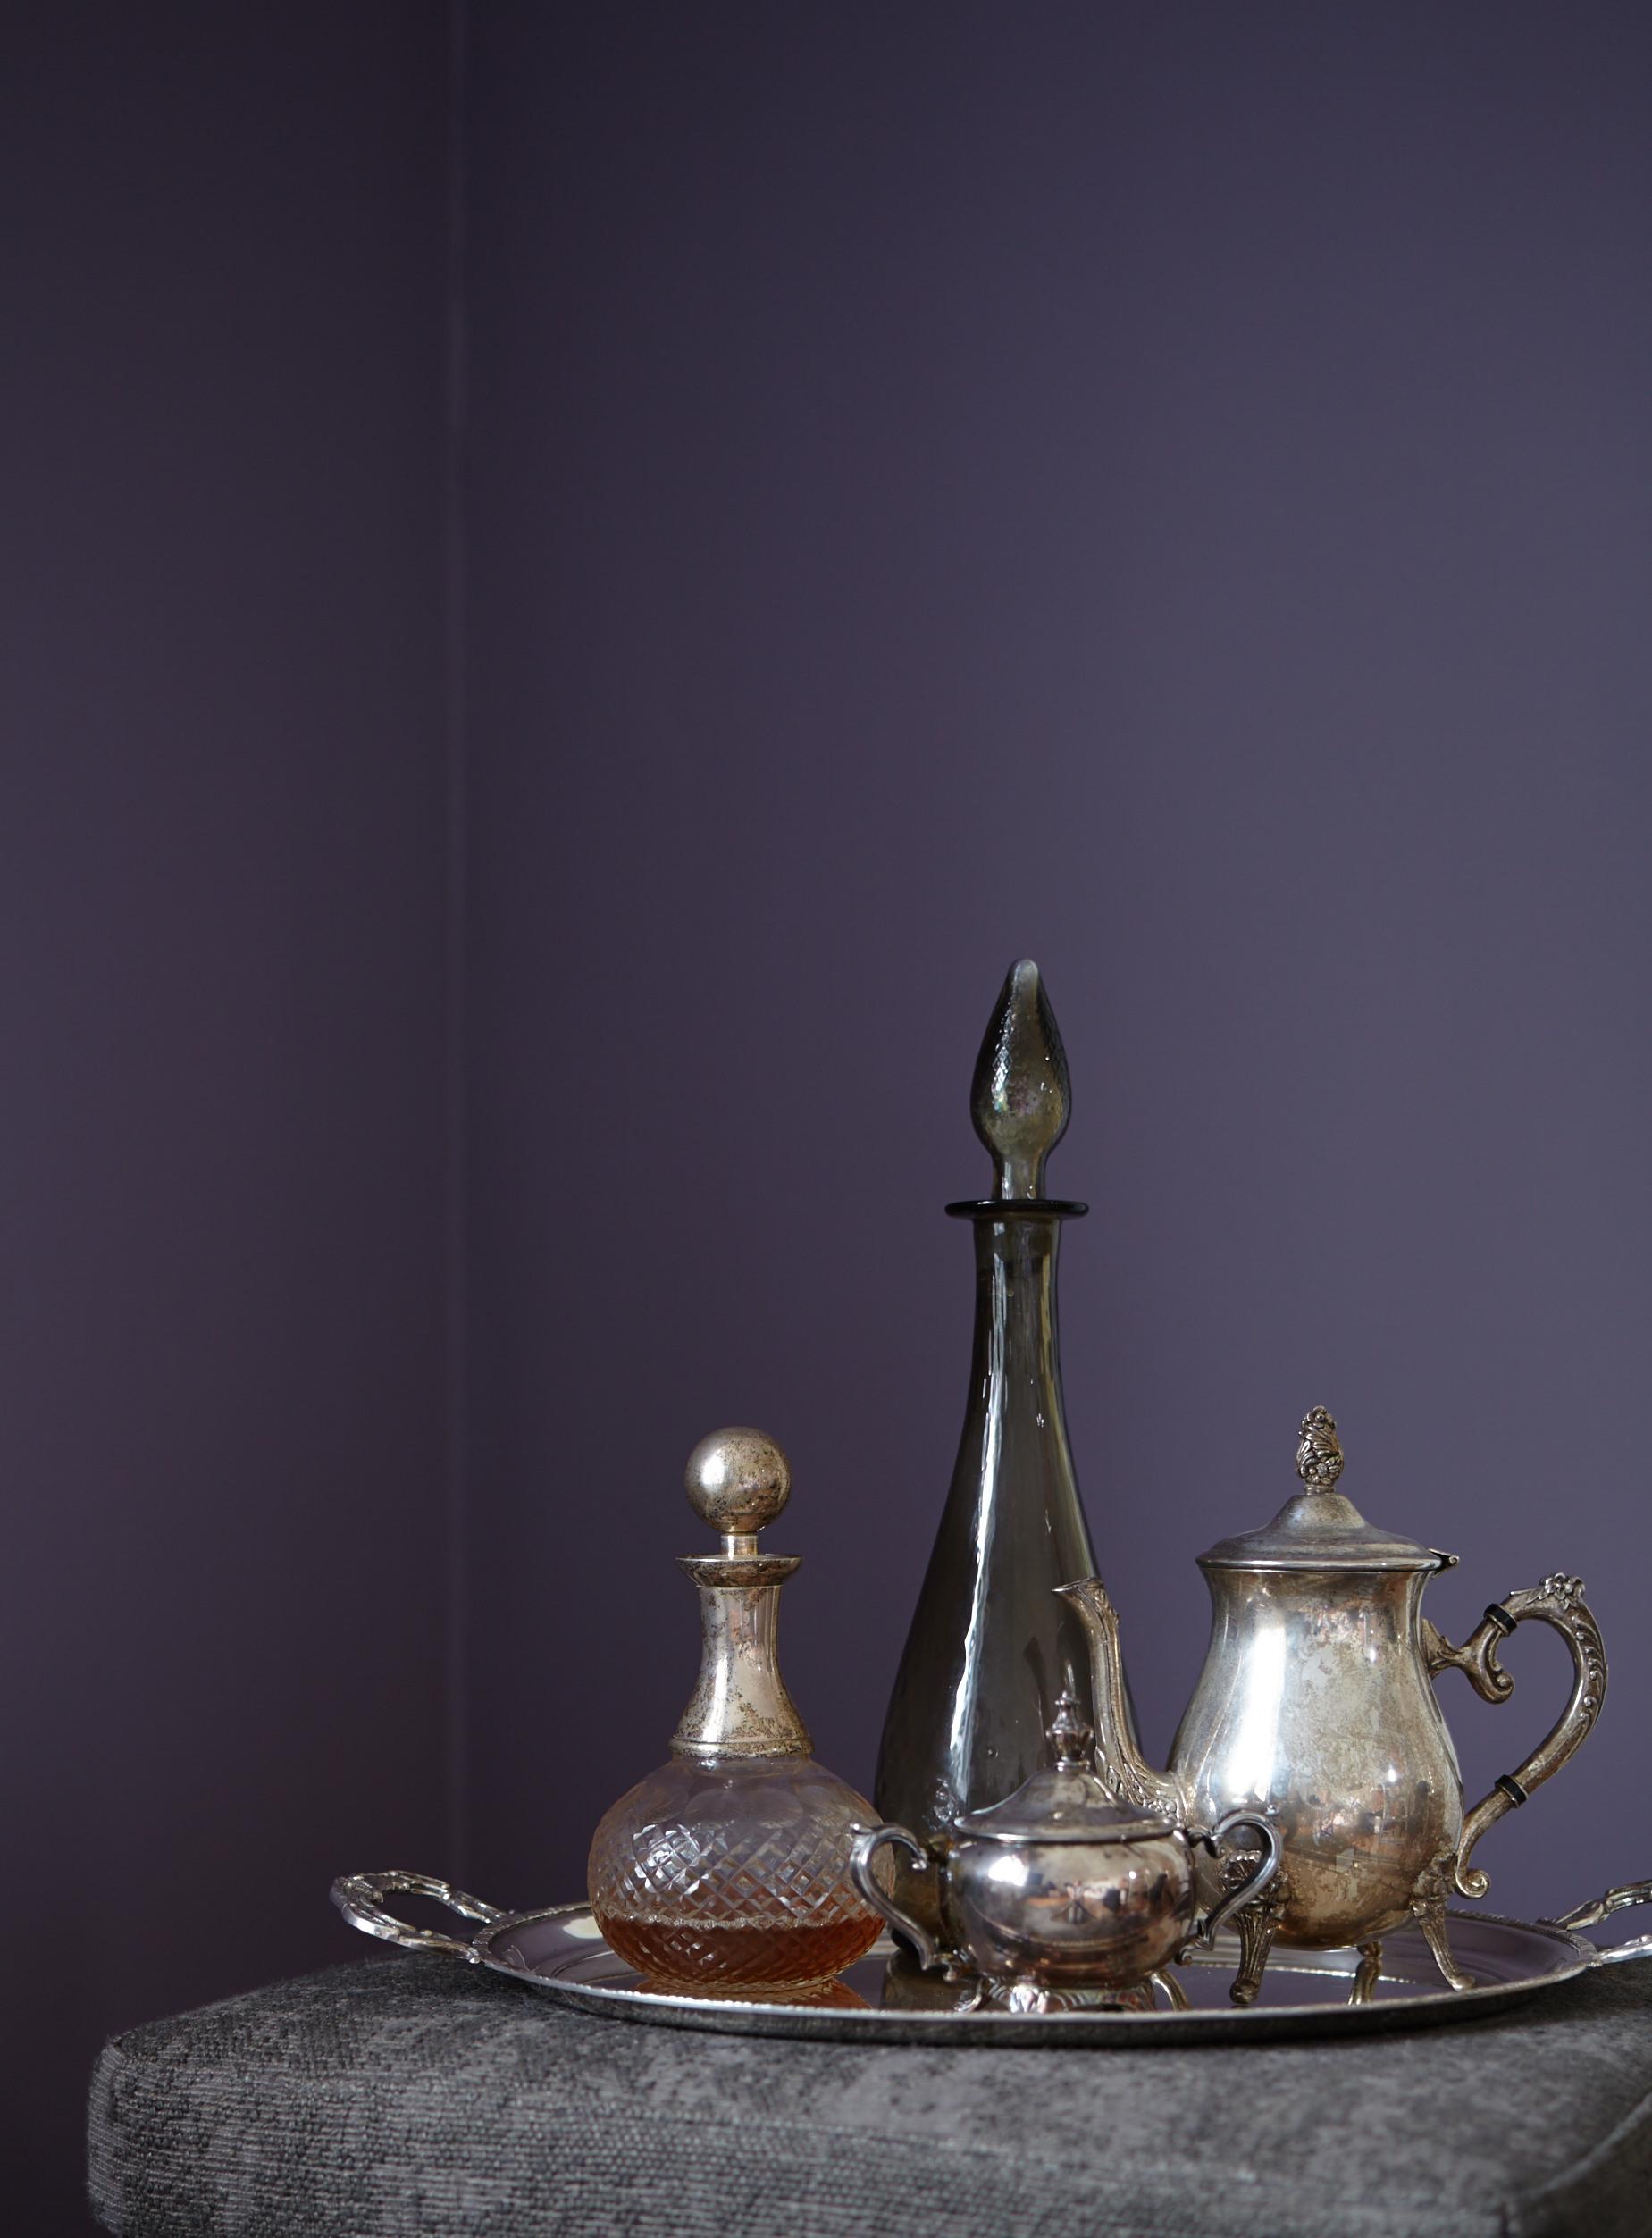 shabby chic m bel und wandfarbe kombinieren alpina farbe einrichten. Black Bedroom Furniture Sets. Home Design Ideas